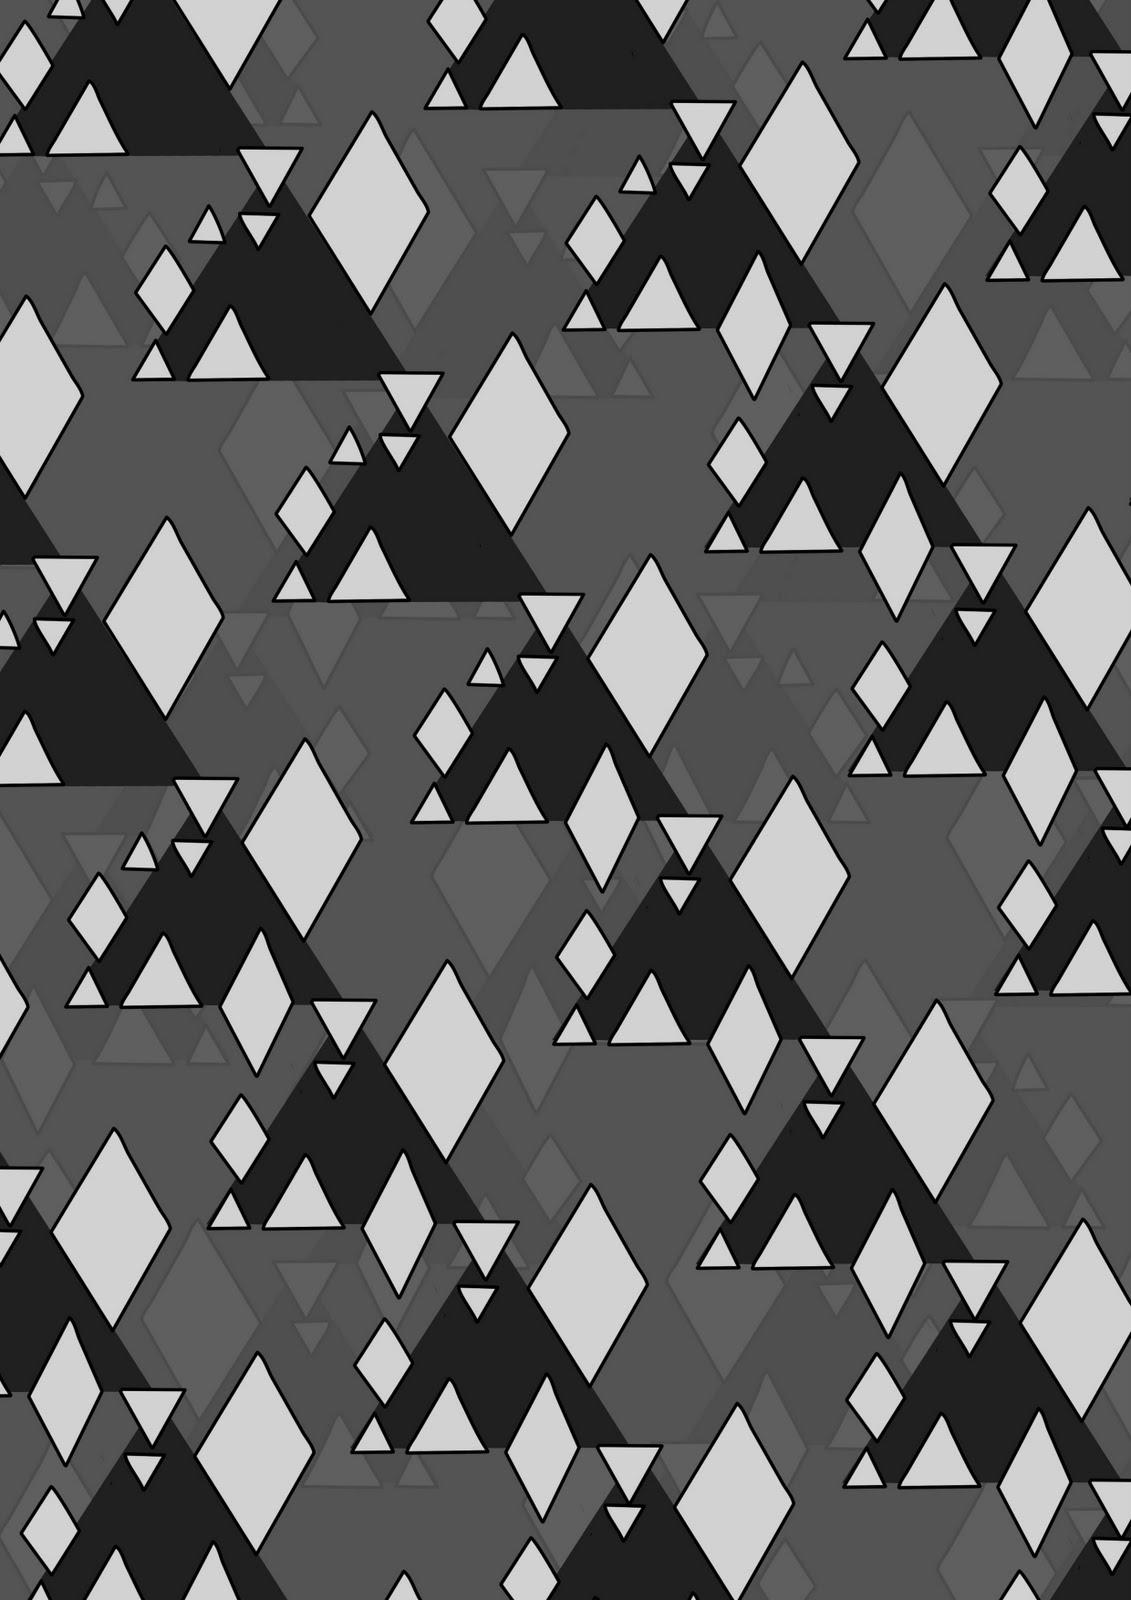 8 Principles Of Design Pattern Images - Pattern Design ...